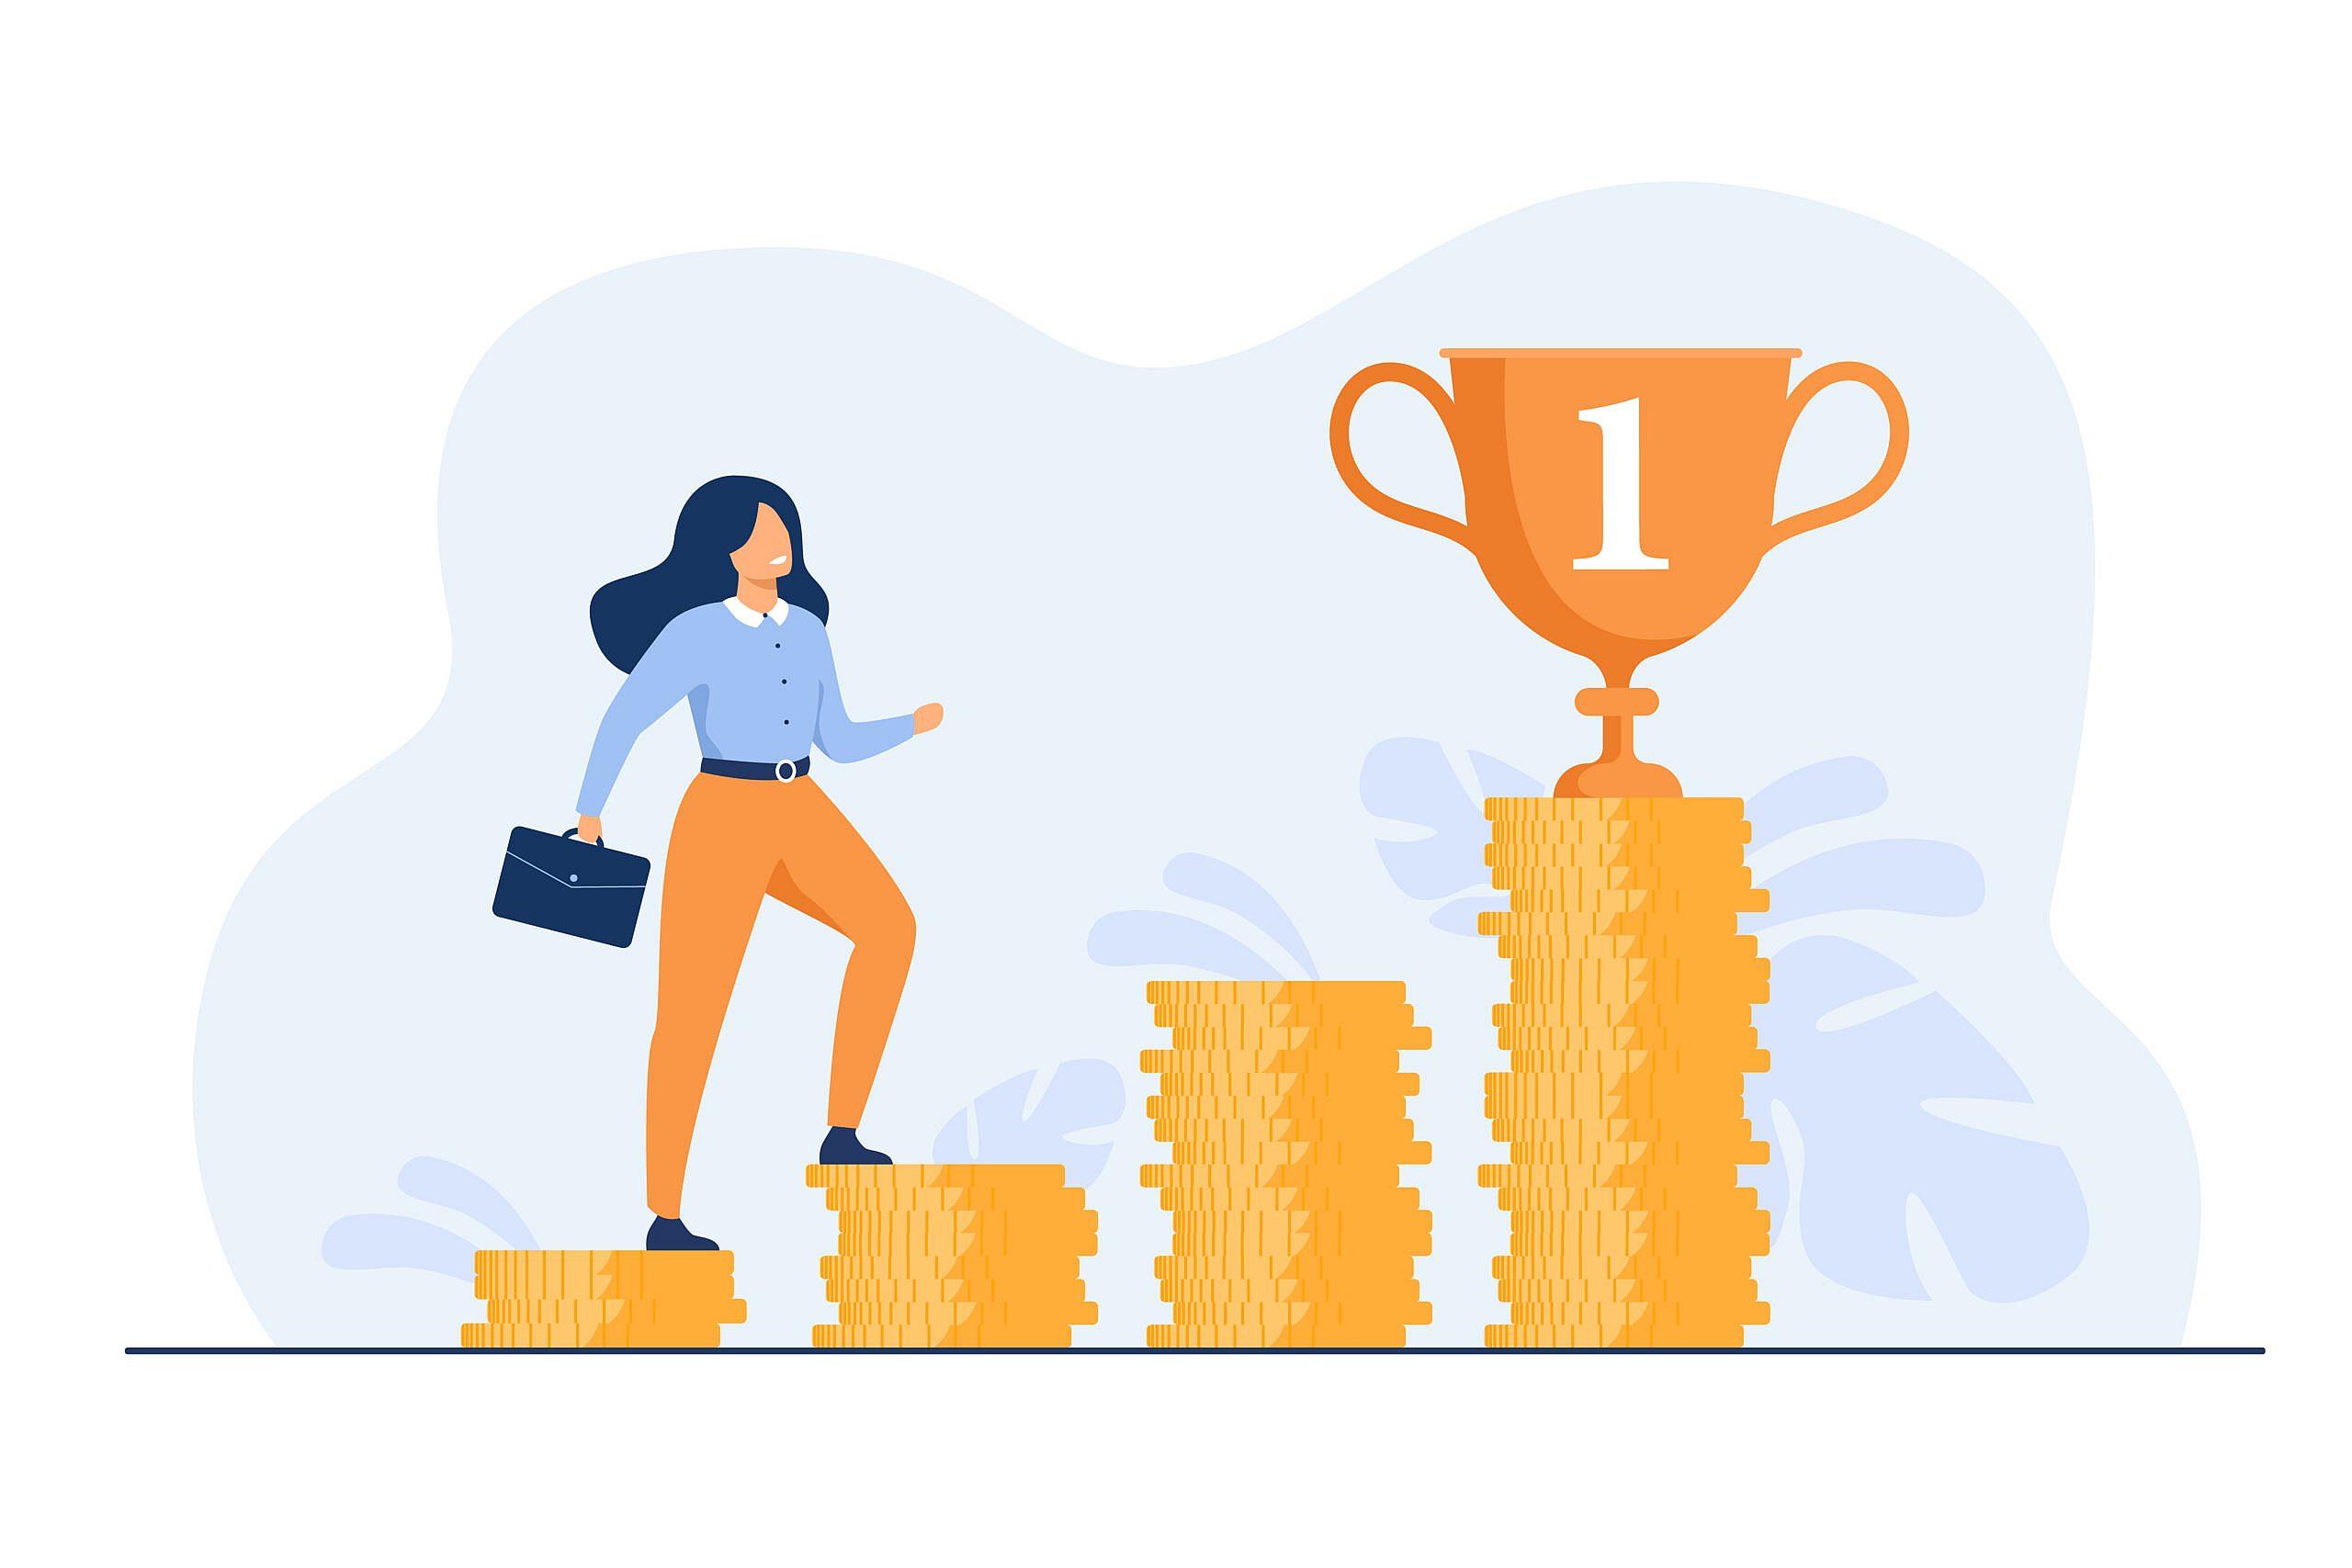 Como economizar dinheiro ganhando pouco? 8 Dicas Para Economizar